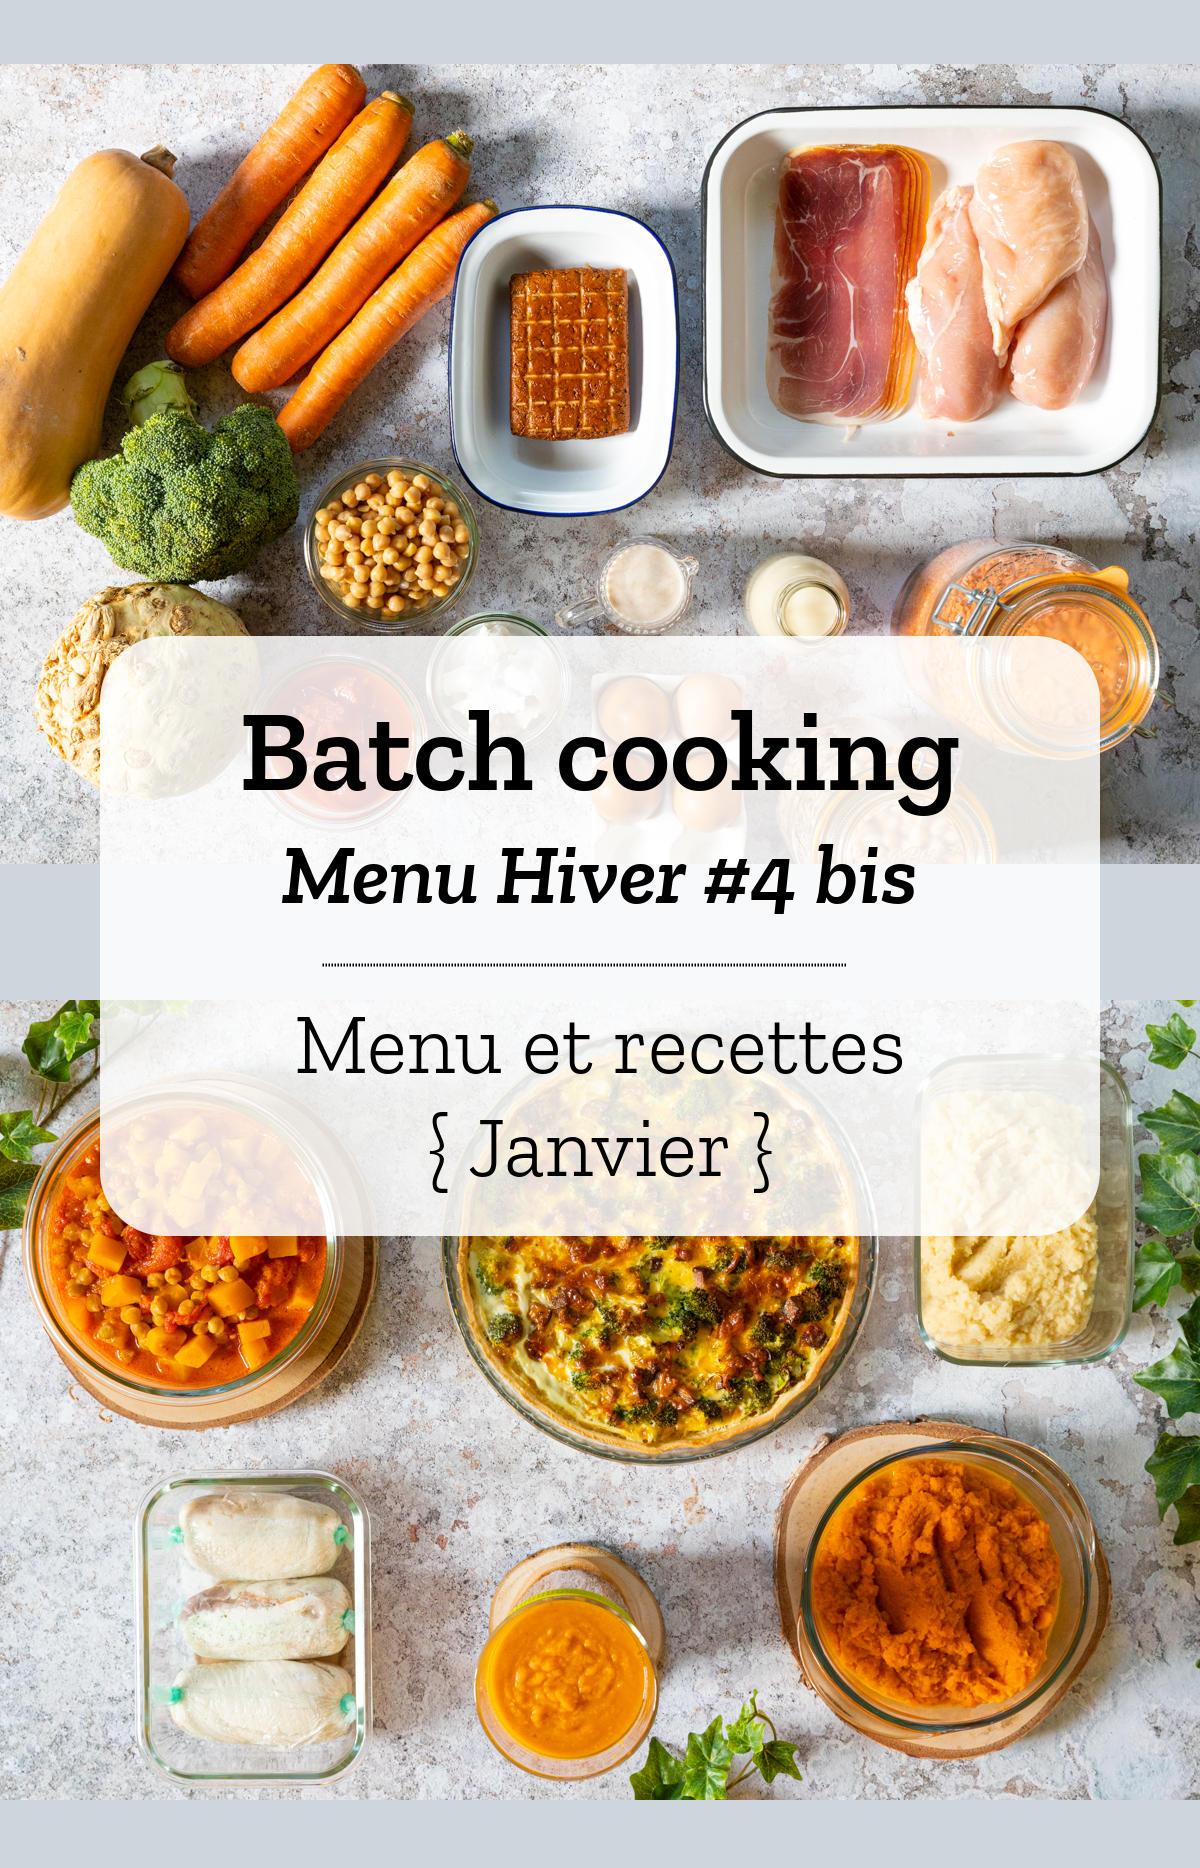 Batch cooking Hiver #4 bis - Mois de Janvier 2021 - Semaine 3